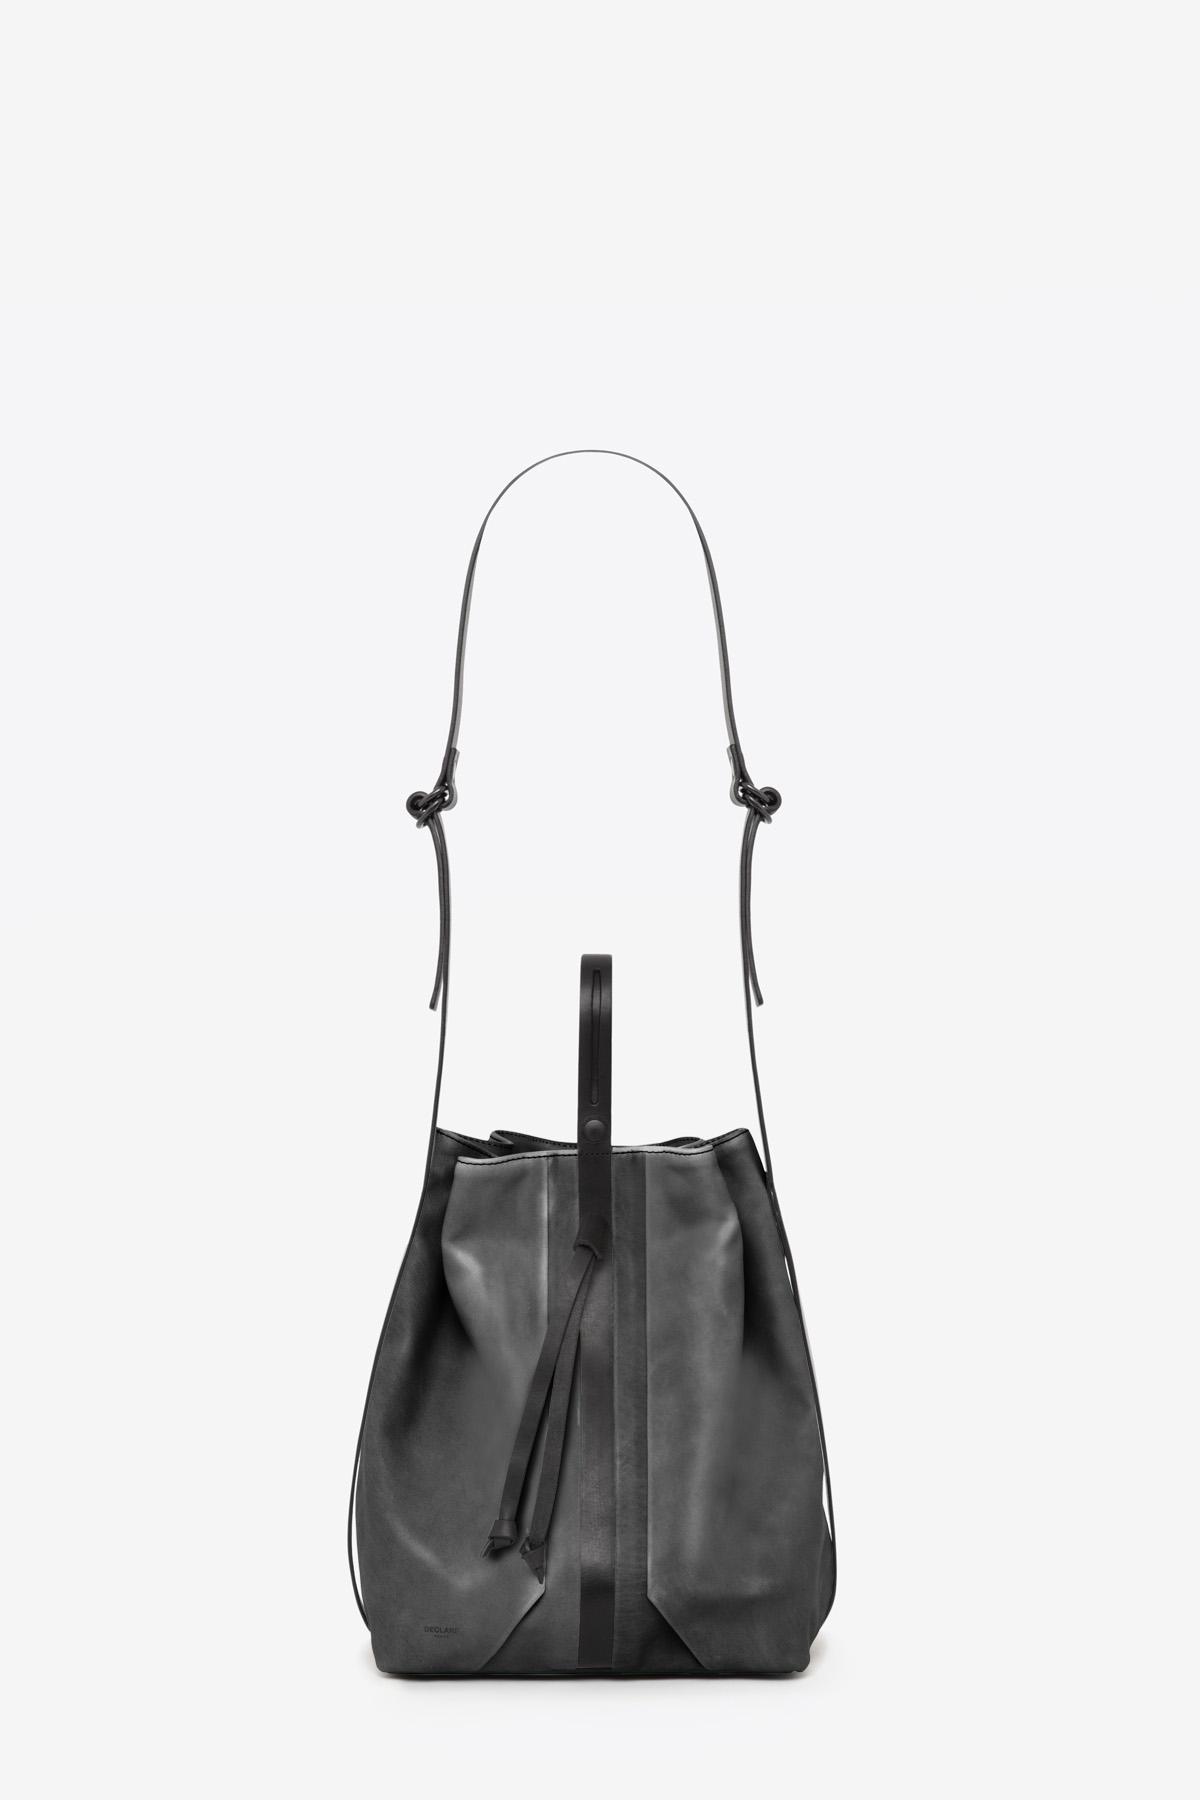 dclr010-bucketbag-a2-shadowgray-front